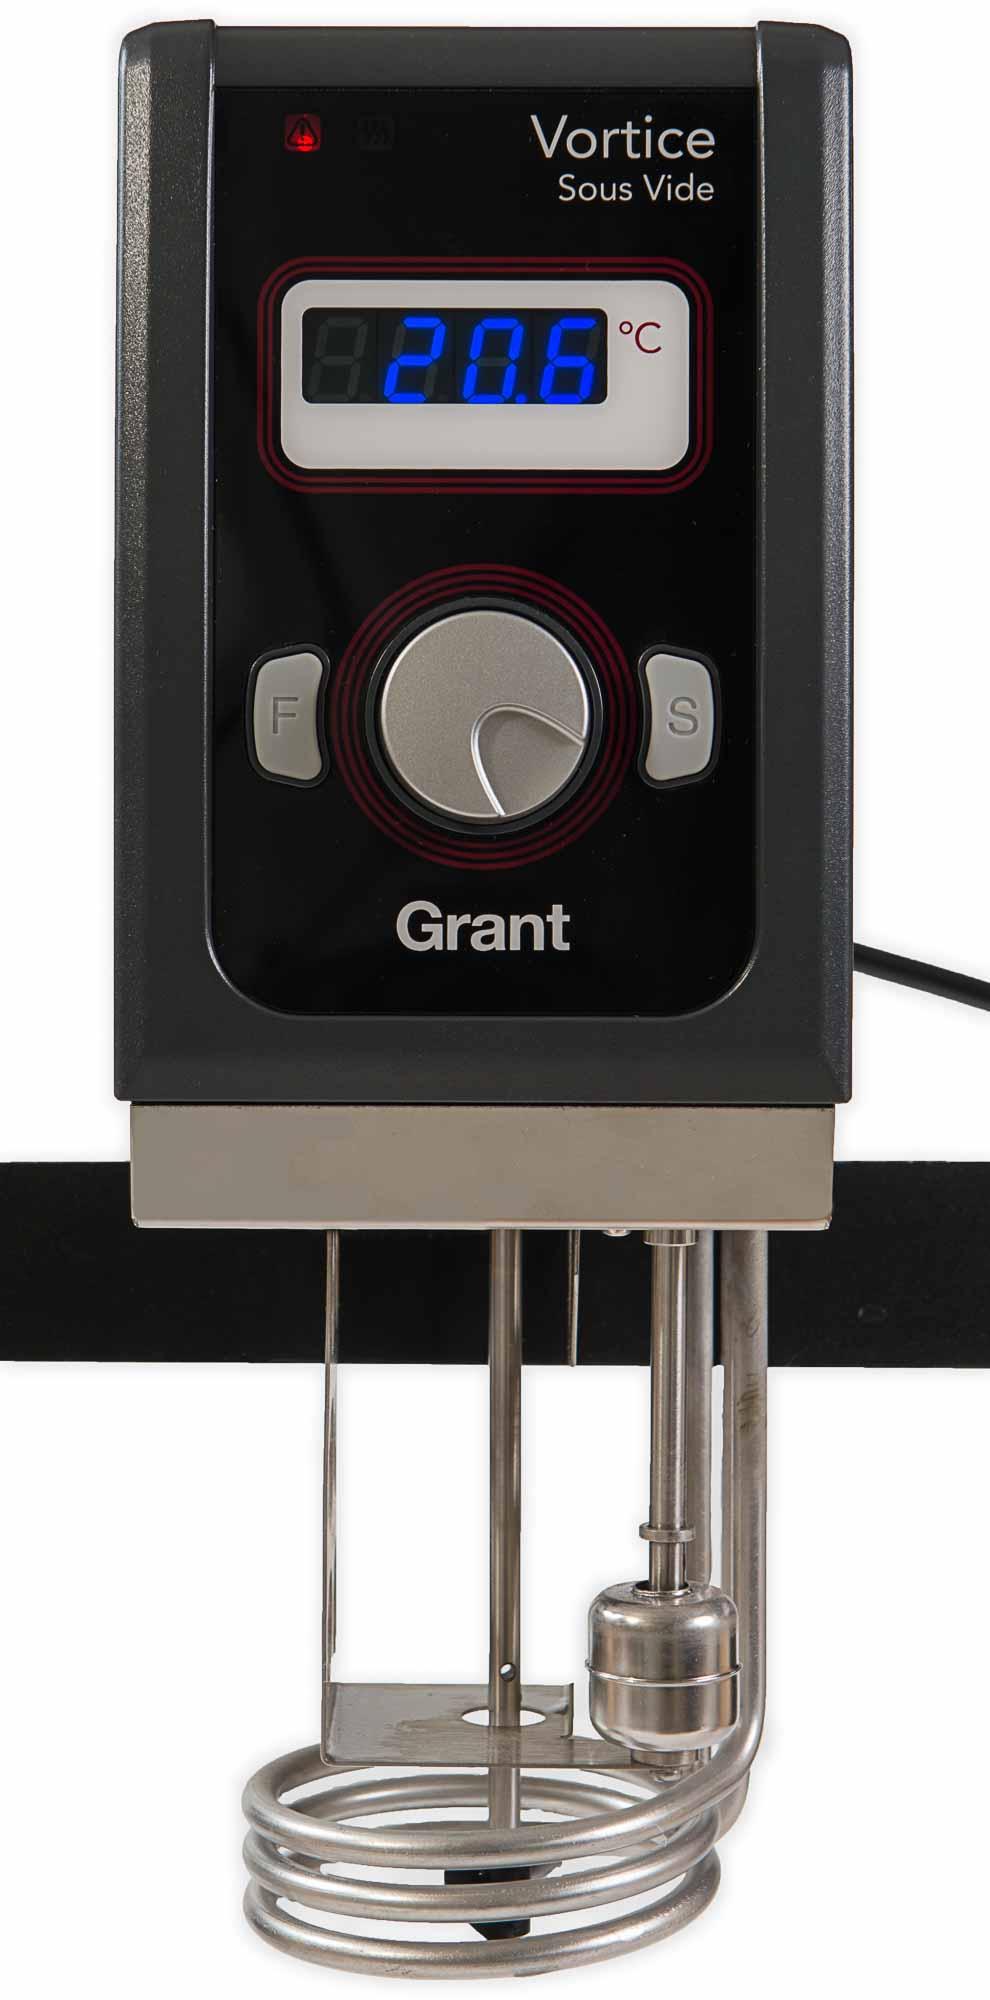 grant_vortice_02